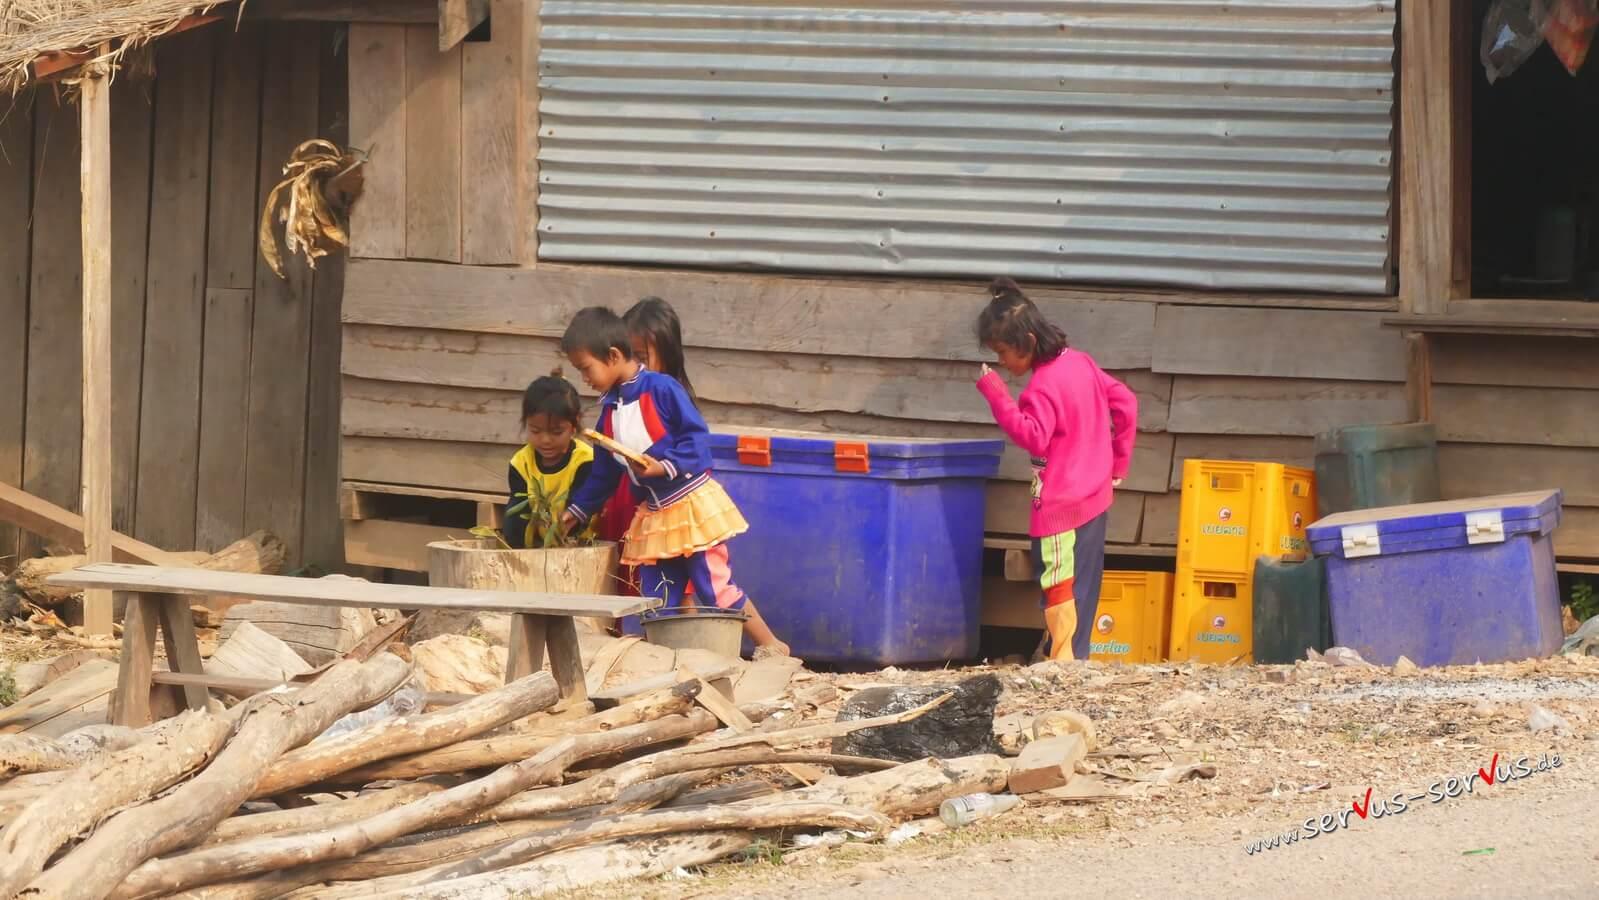 Kinder spielen im Dorf in Laos